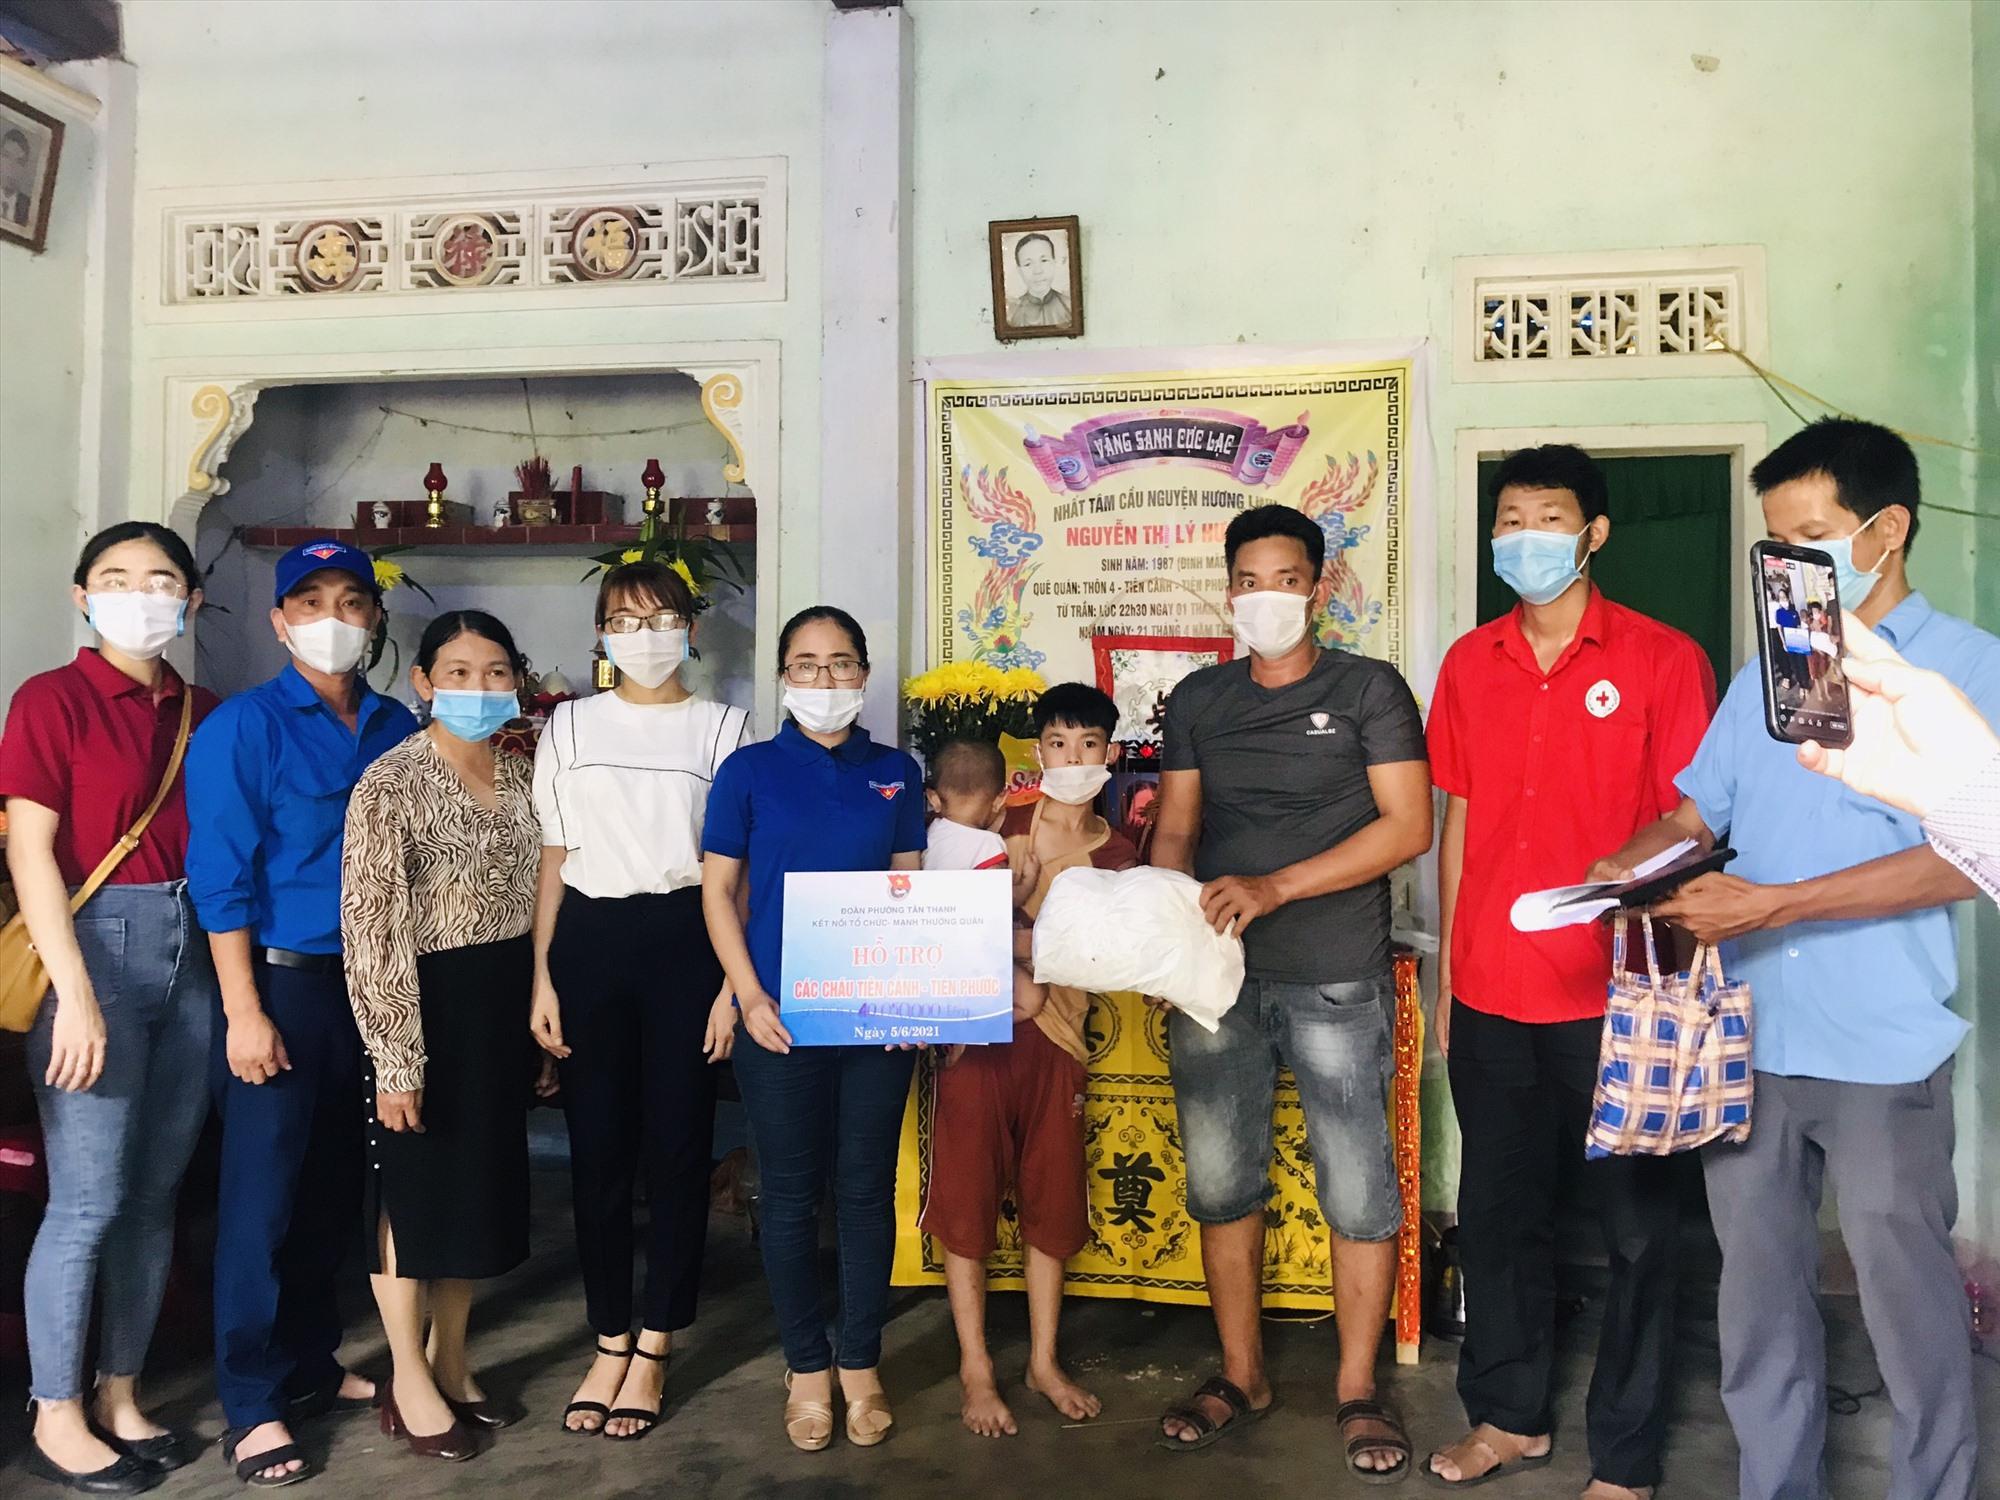 Thời gian qua, nhiều tổ chức, cá nhân hỗ trợ 3 cháu bé mồ côi mẹ. Trong ảnh: Đoàn phường Tân Thạnh hỗ trợ gia đình các cháu trong tuần qua. Ảnh: ĐPTT.